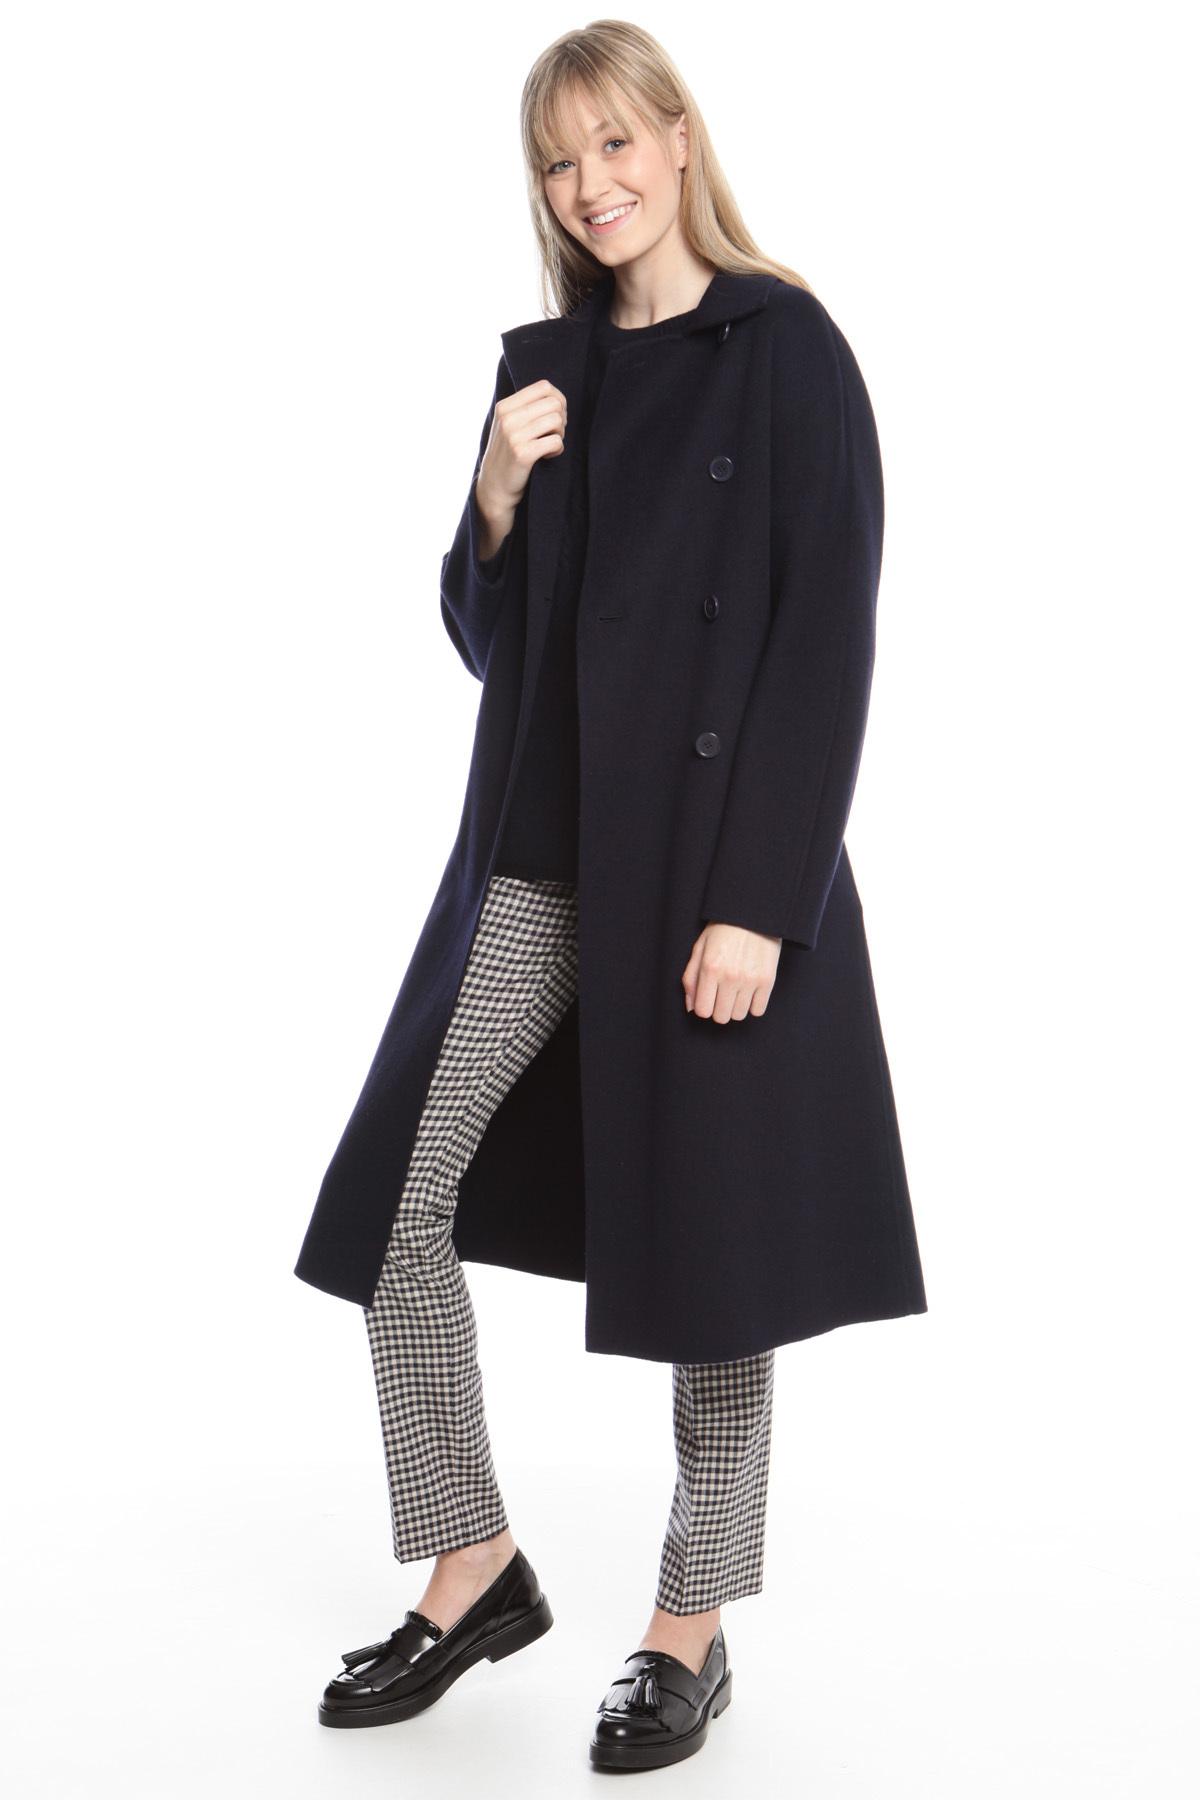 Favori Cappotti Eleganti da Donna | Outlet Diffusione Tessile OX95